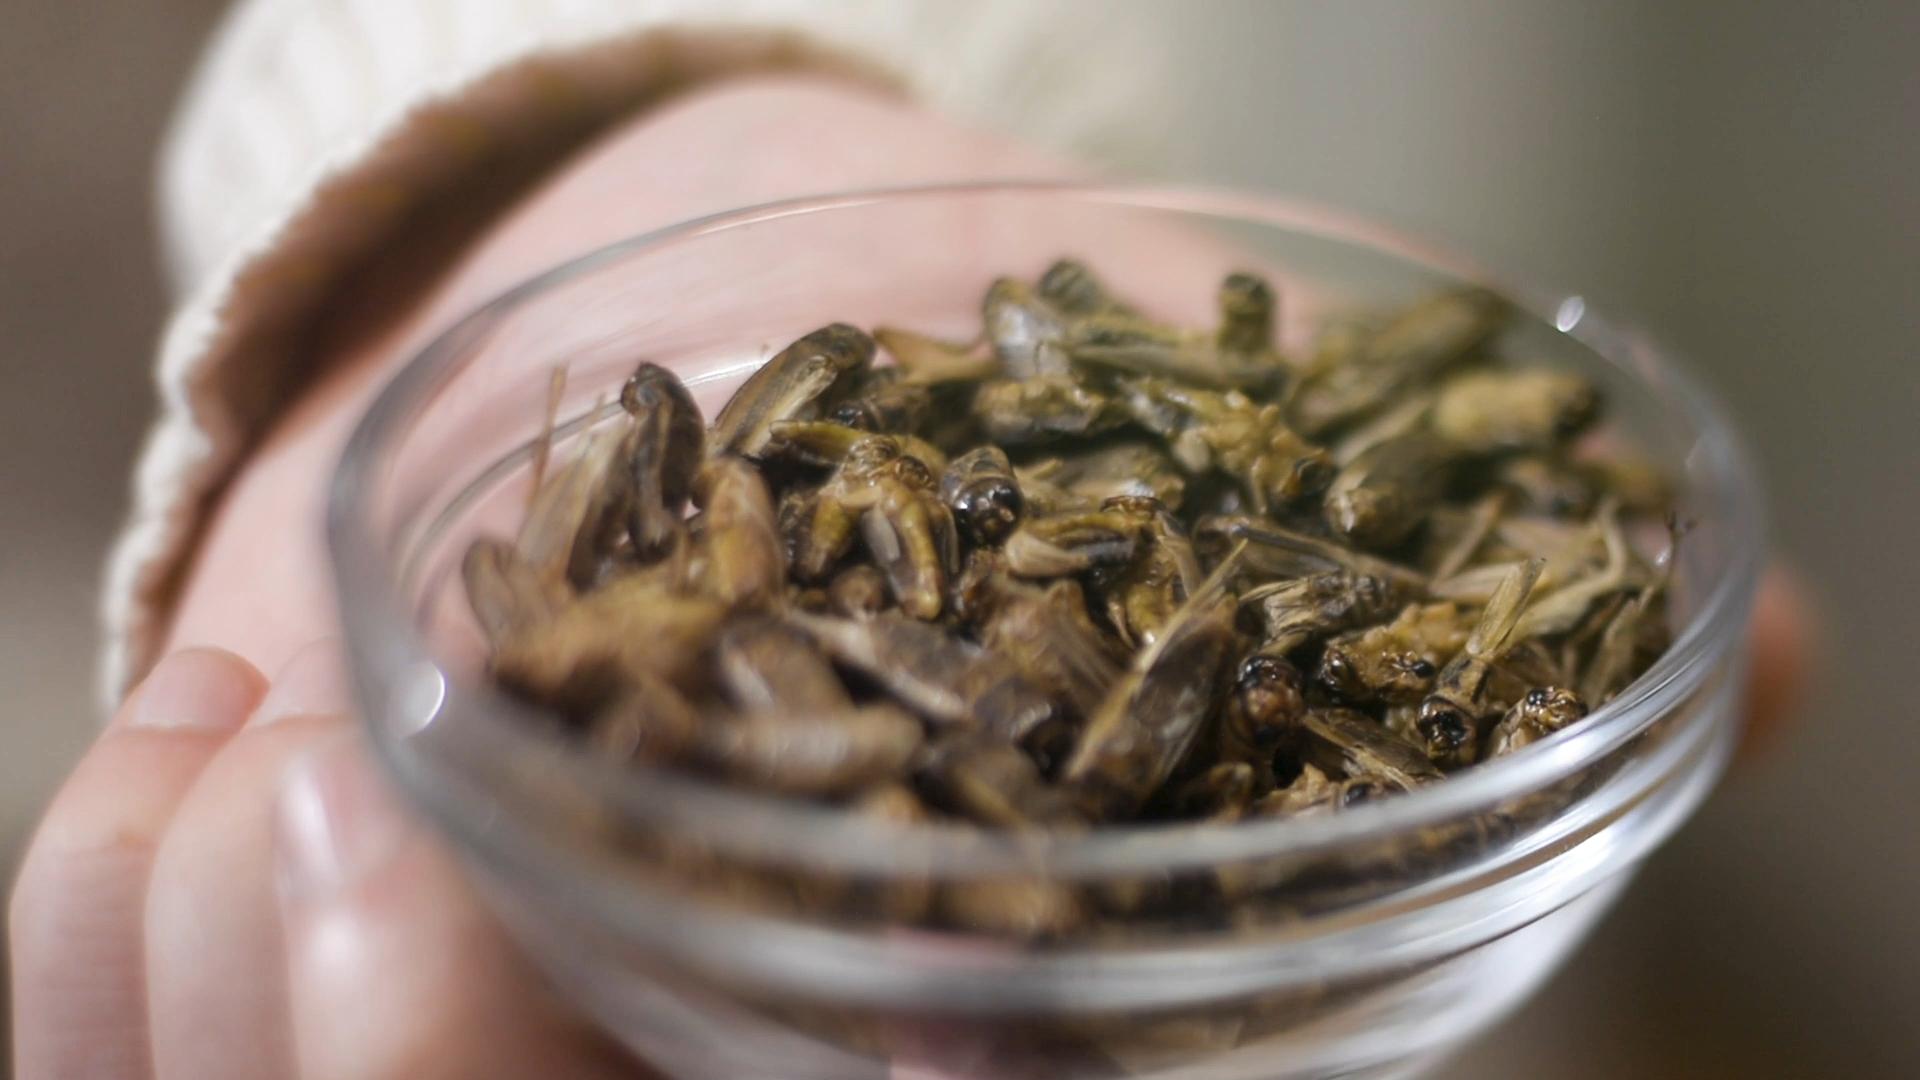 Lietuviški maistui auginami vabzdžiai | LRT nuotr.